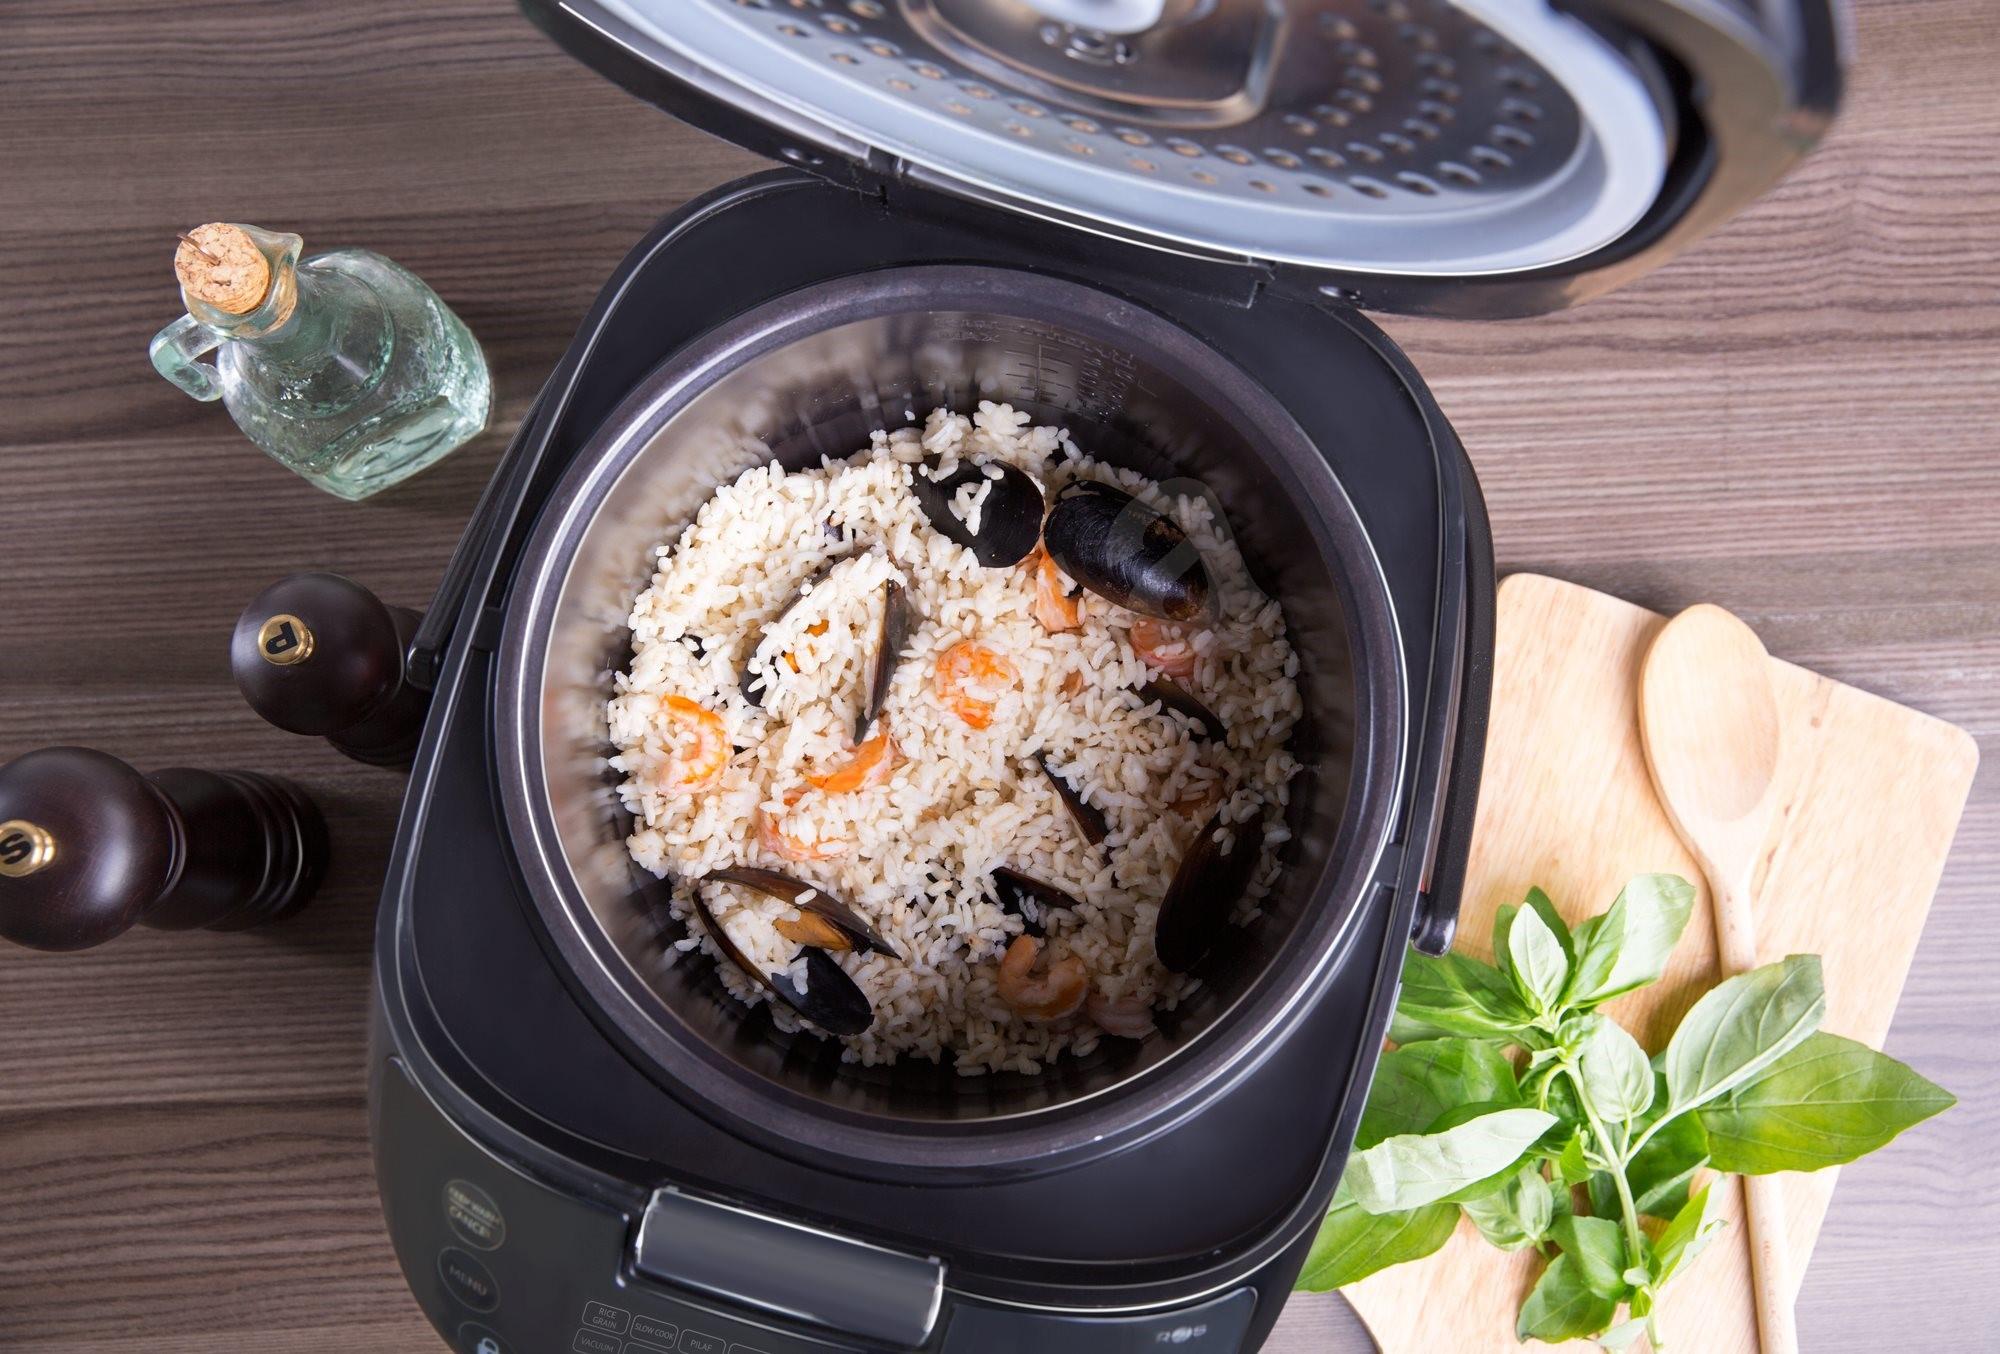 Фото скороварки с едой